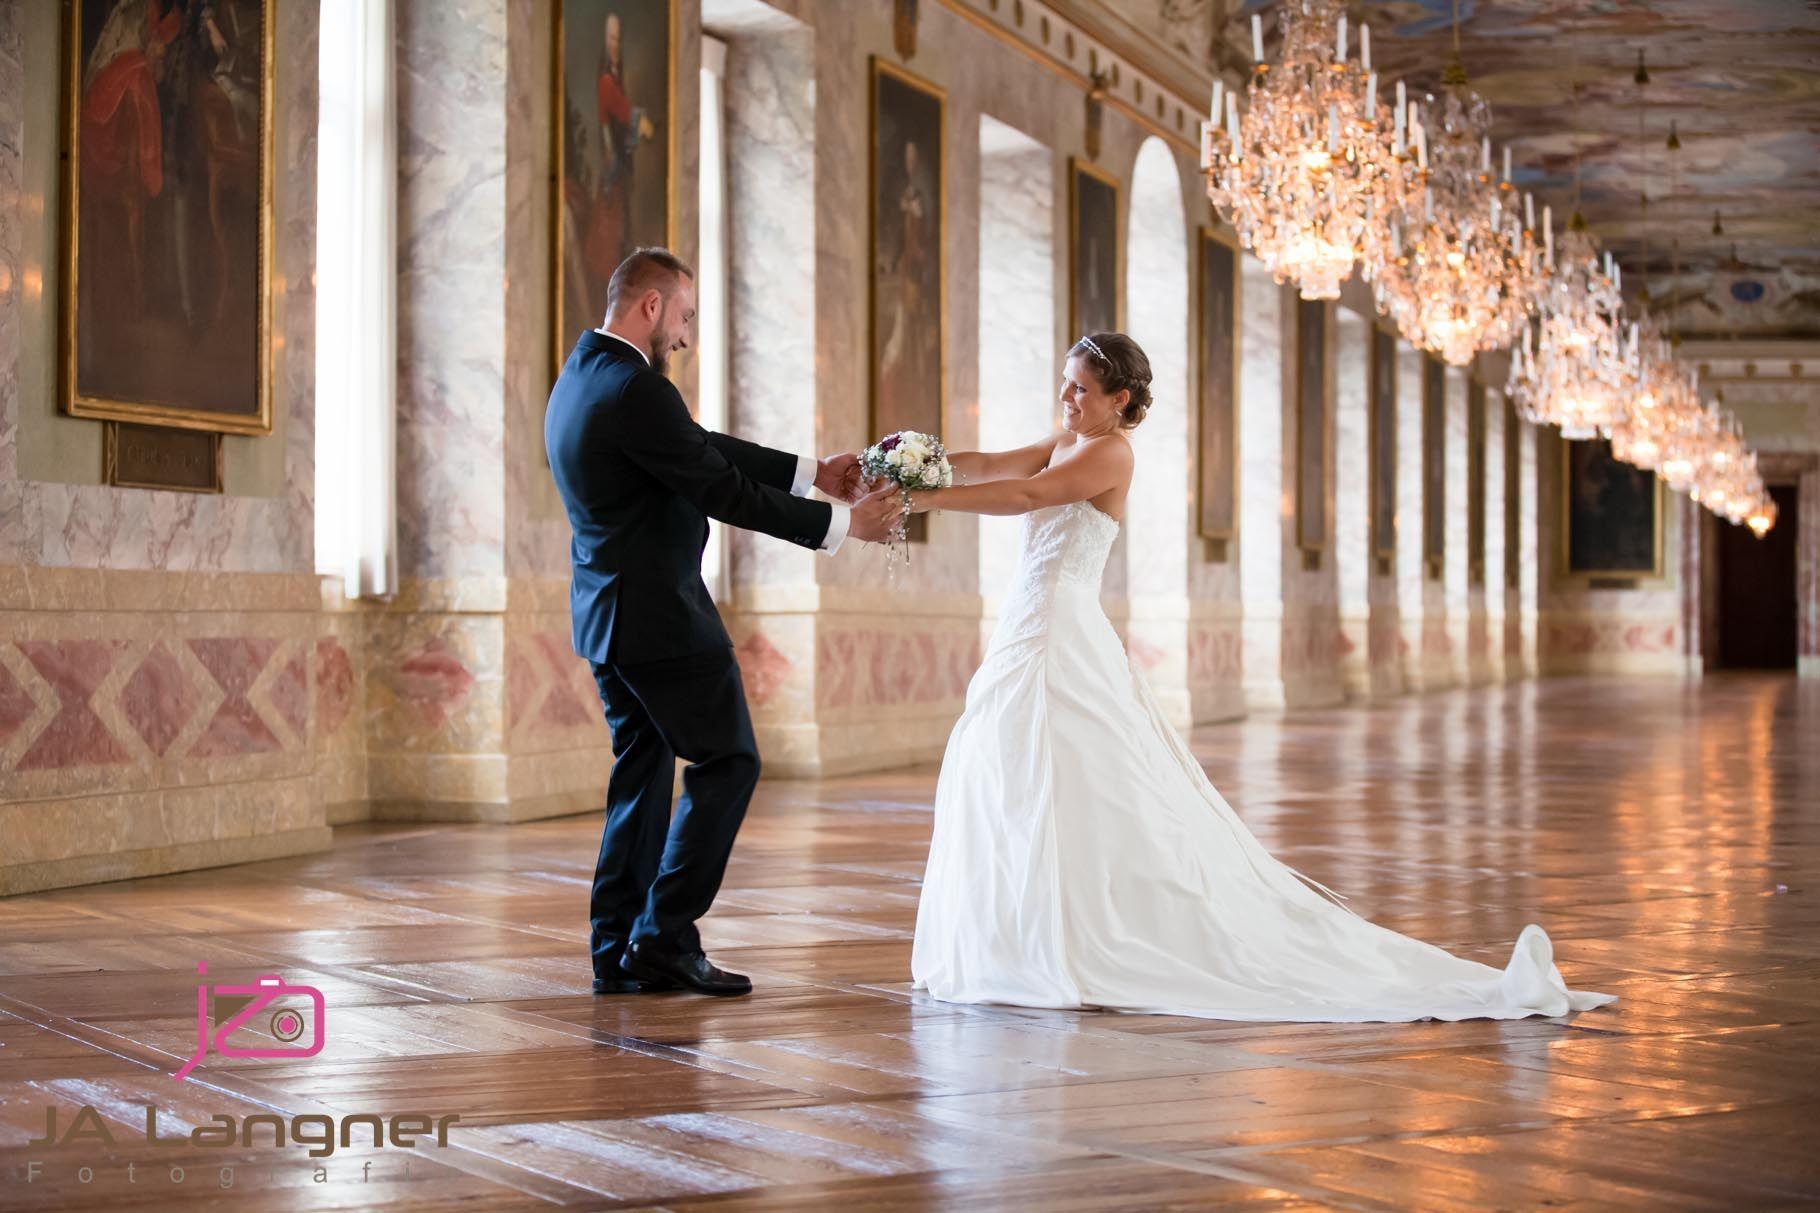 Hochzeitsfotograf Pforzheim Hochzeitsfotograf Hochzeit Bilder Russische Hochzeit